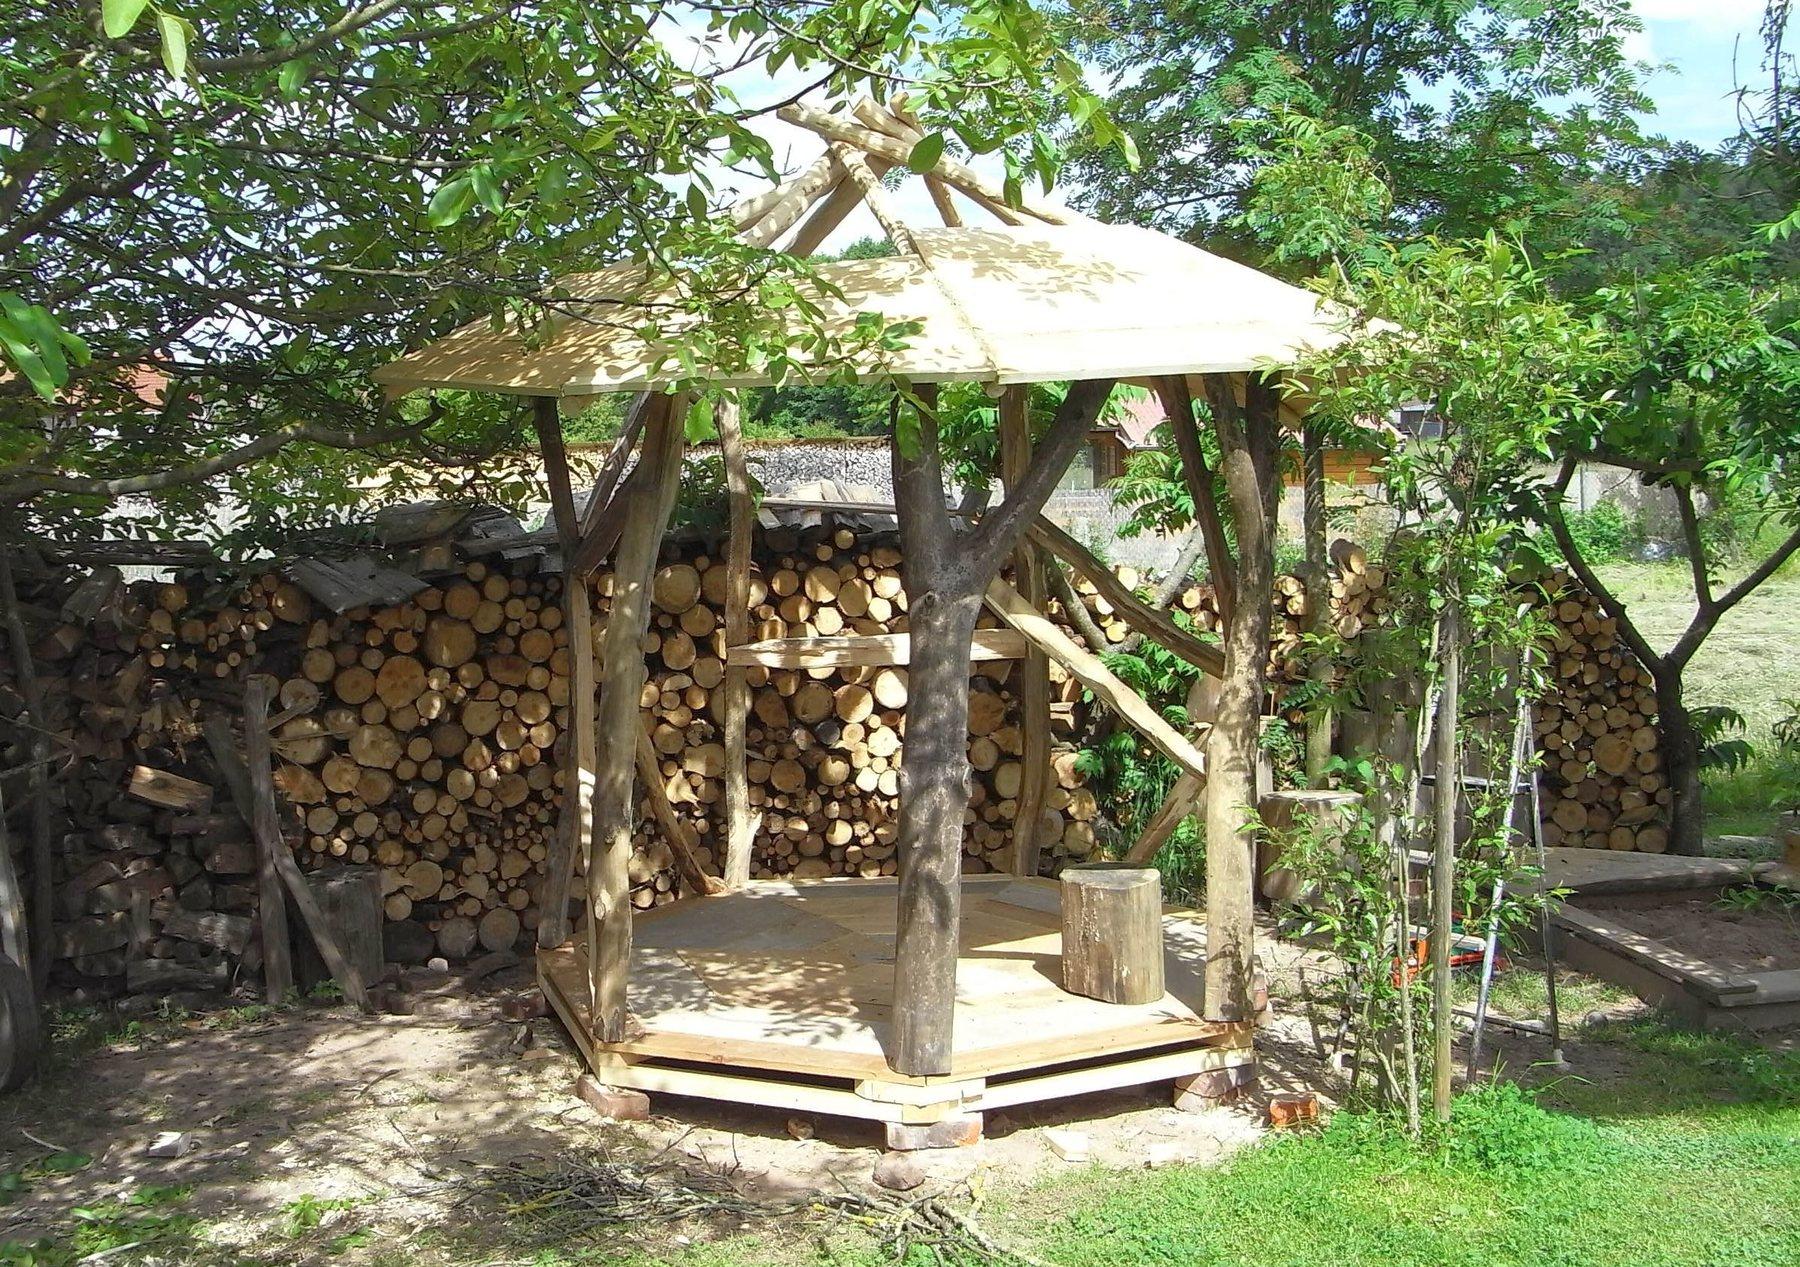 Gartenpavillon Holz Selbstbau ~ Freisitz natürlich gebautIrgendwie spielt das Wetter verrückt Was